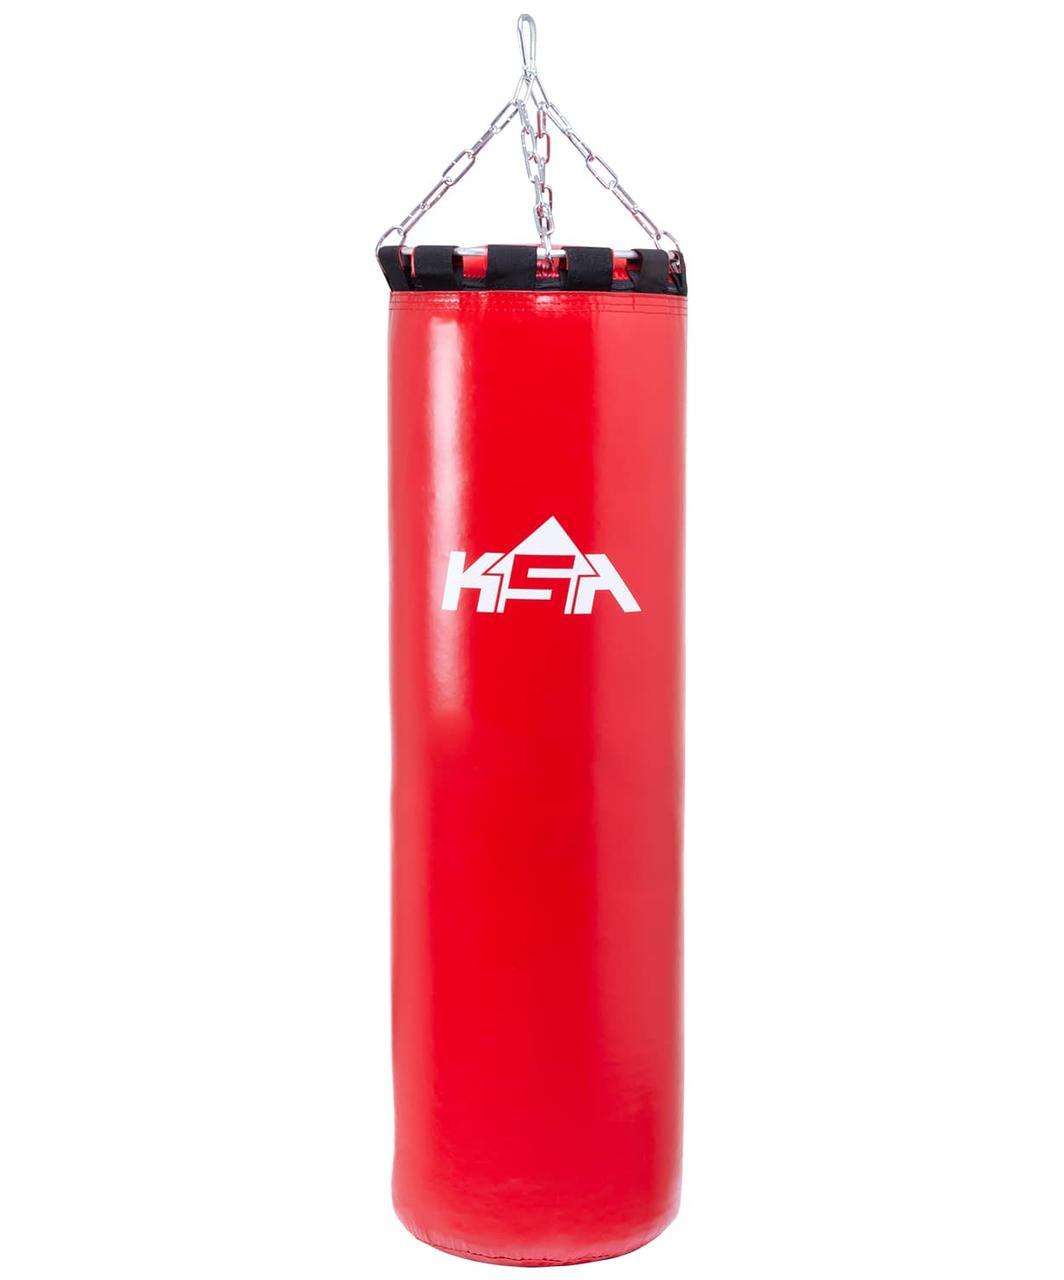 Мешок боксерский PB-01, 120 см, 45 кг, тент, красный KSA